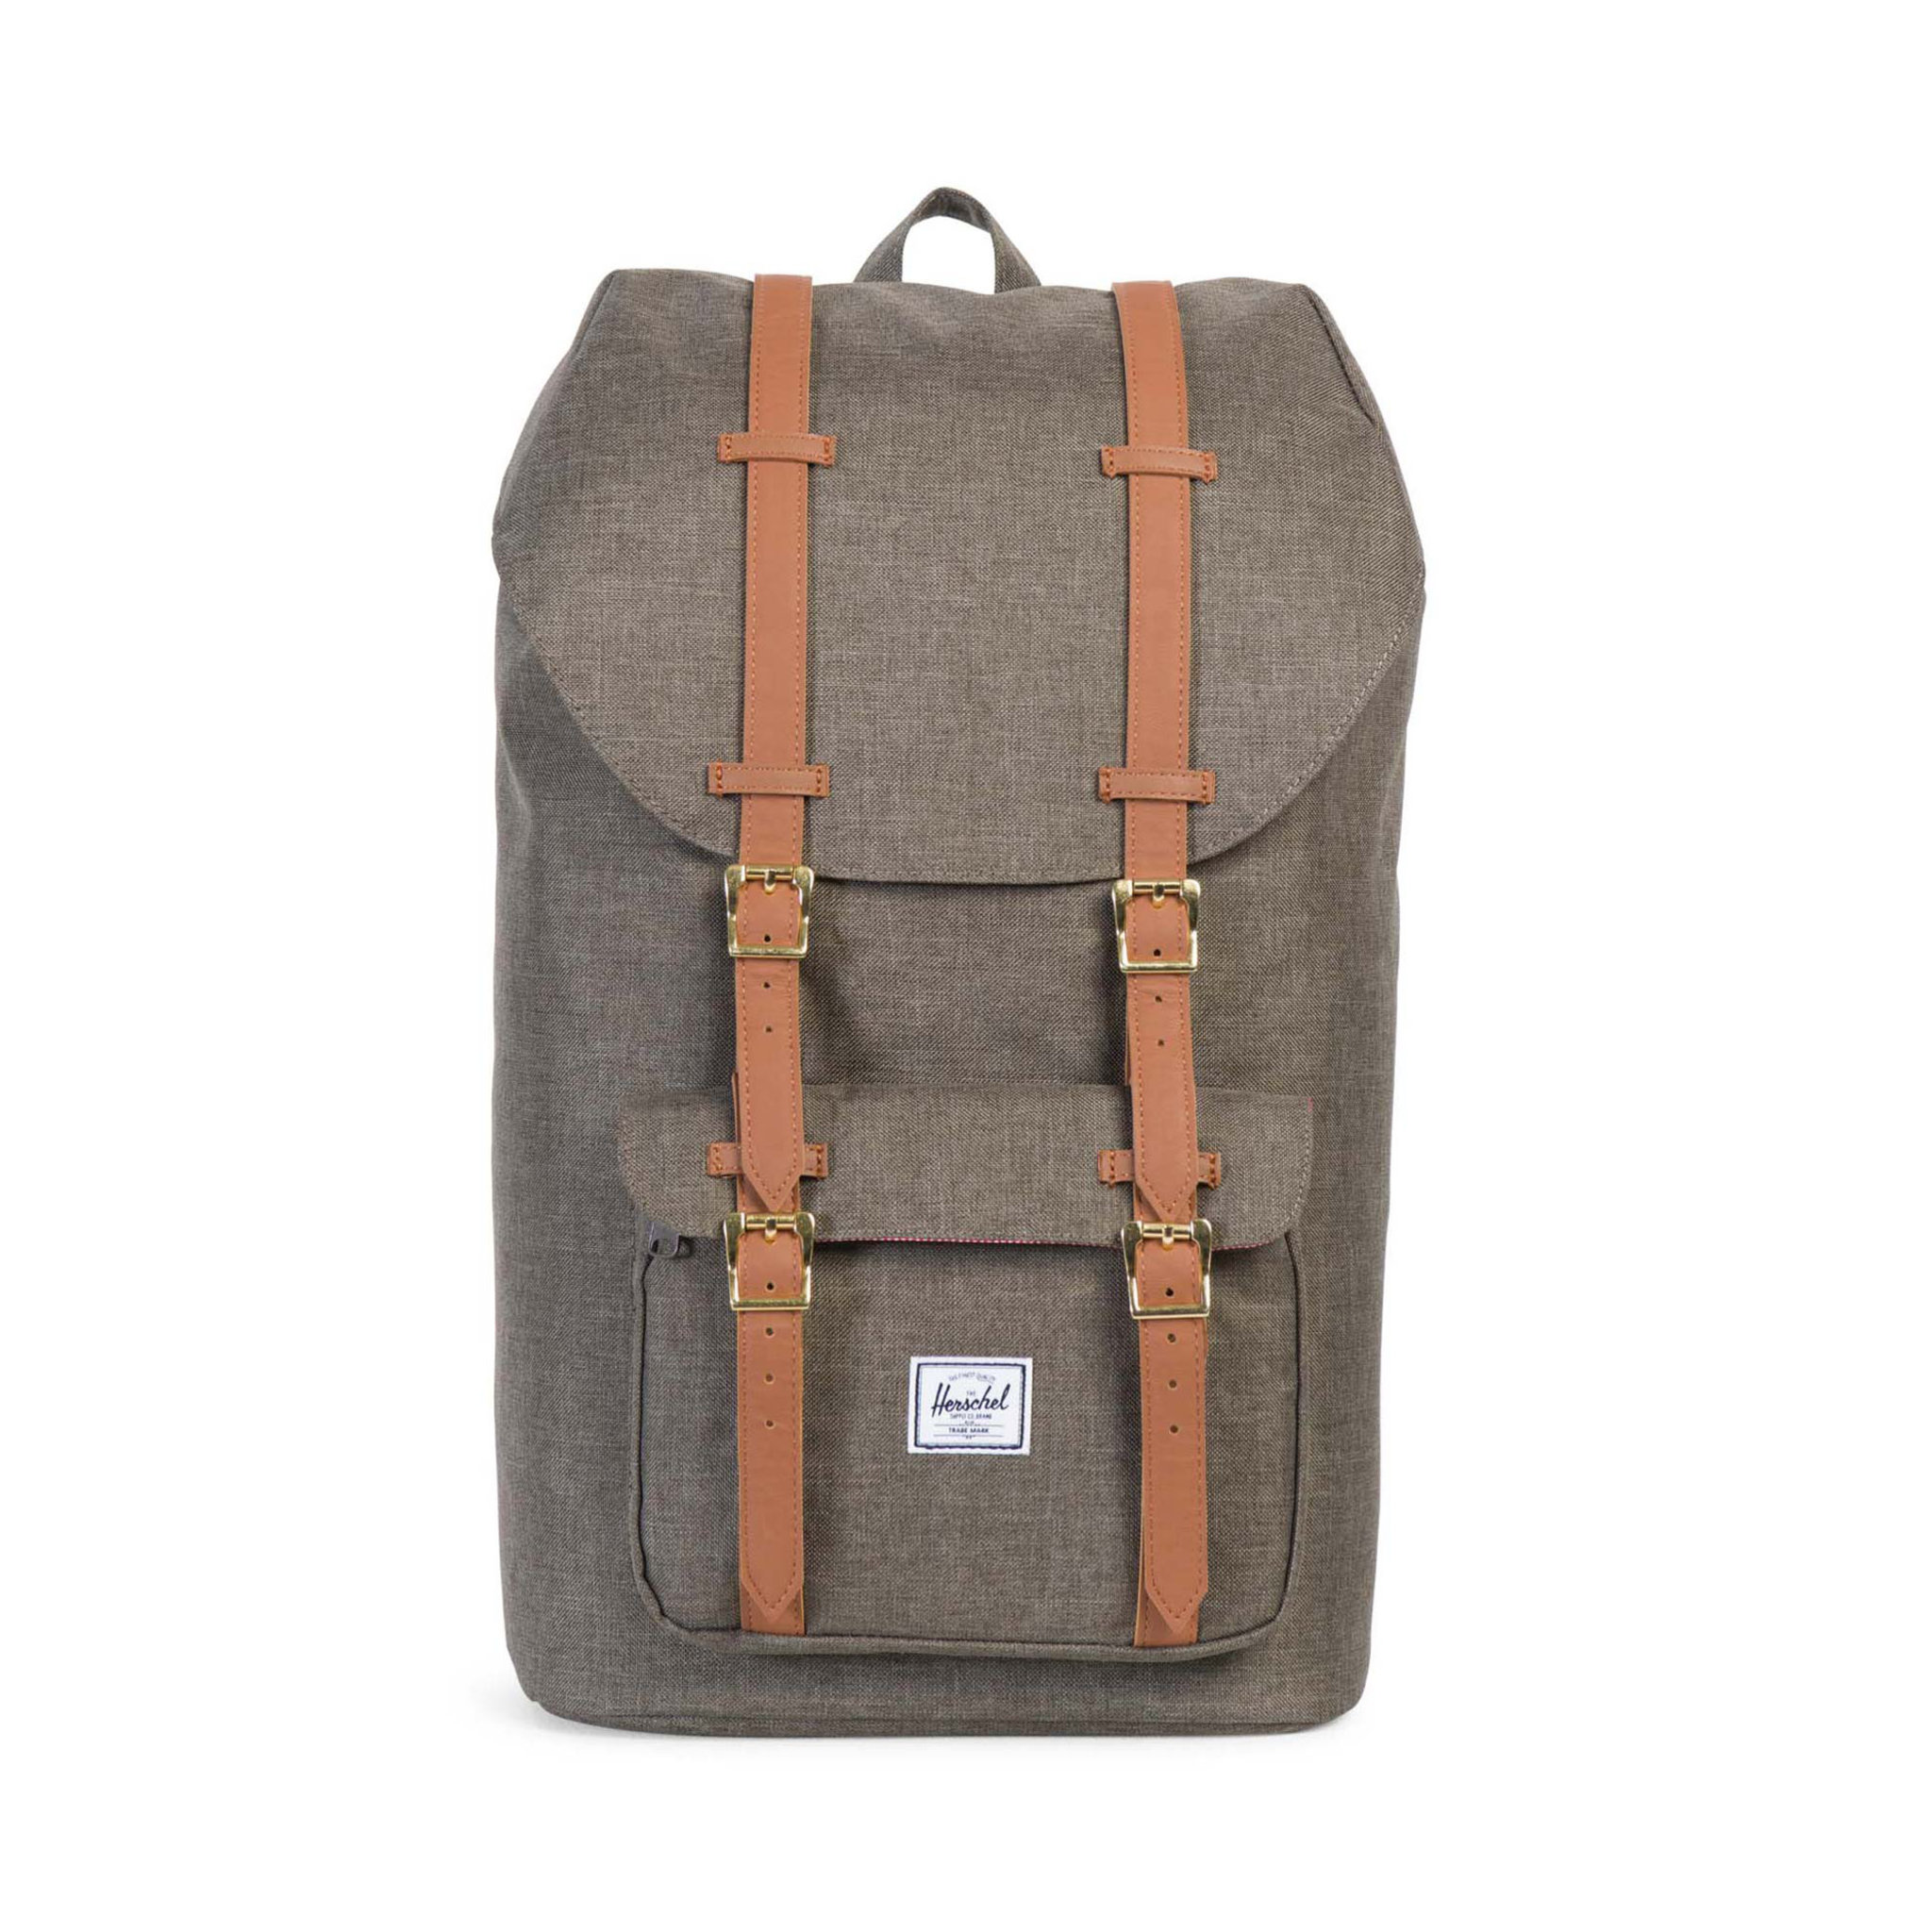 Little America Backpack - Väskor   plånböcker - Köp online på åhlens.se! f7b42ecc17c9a